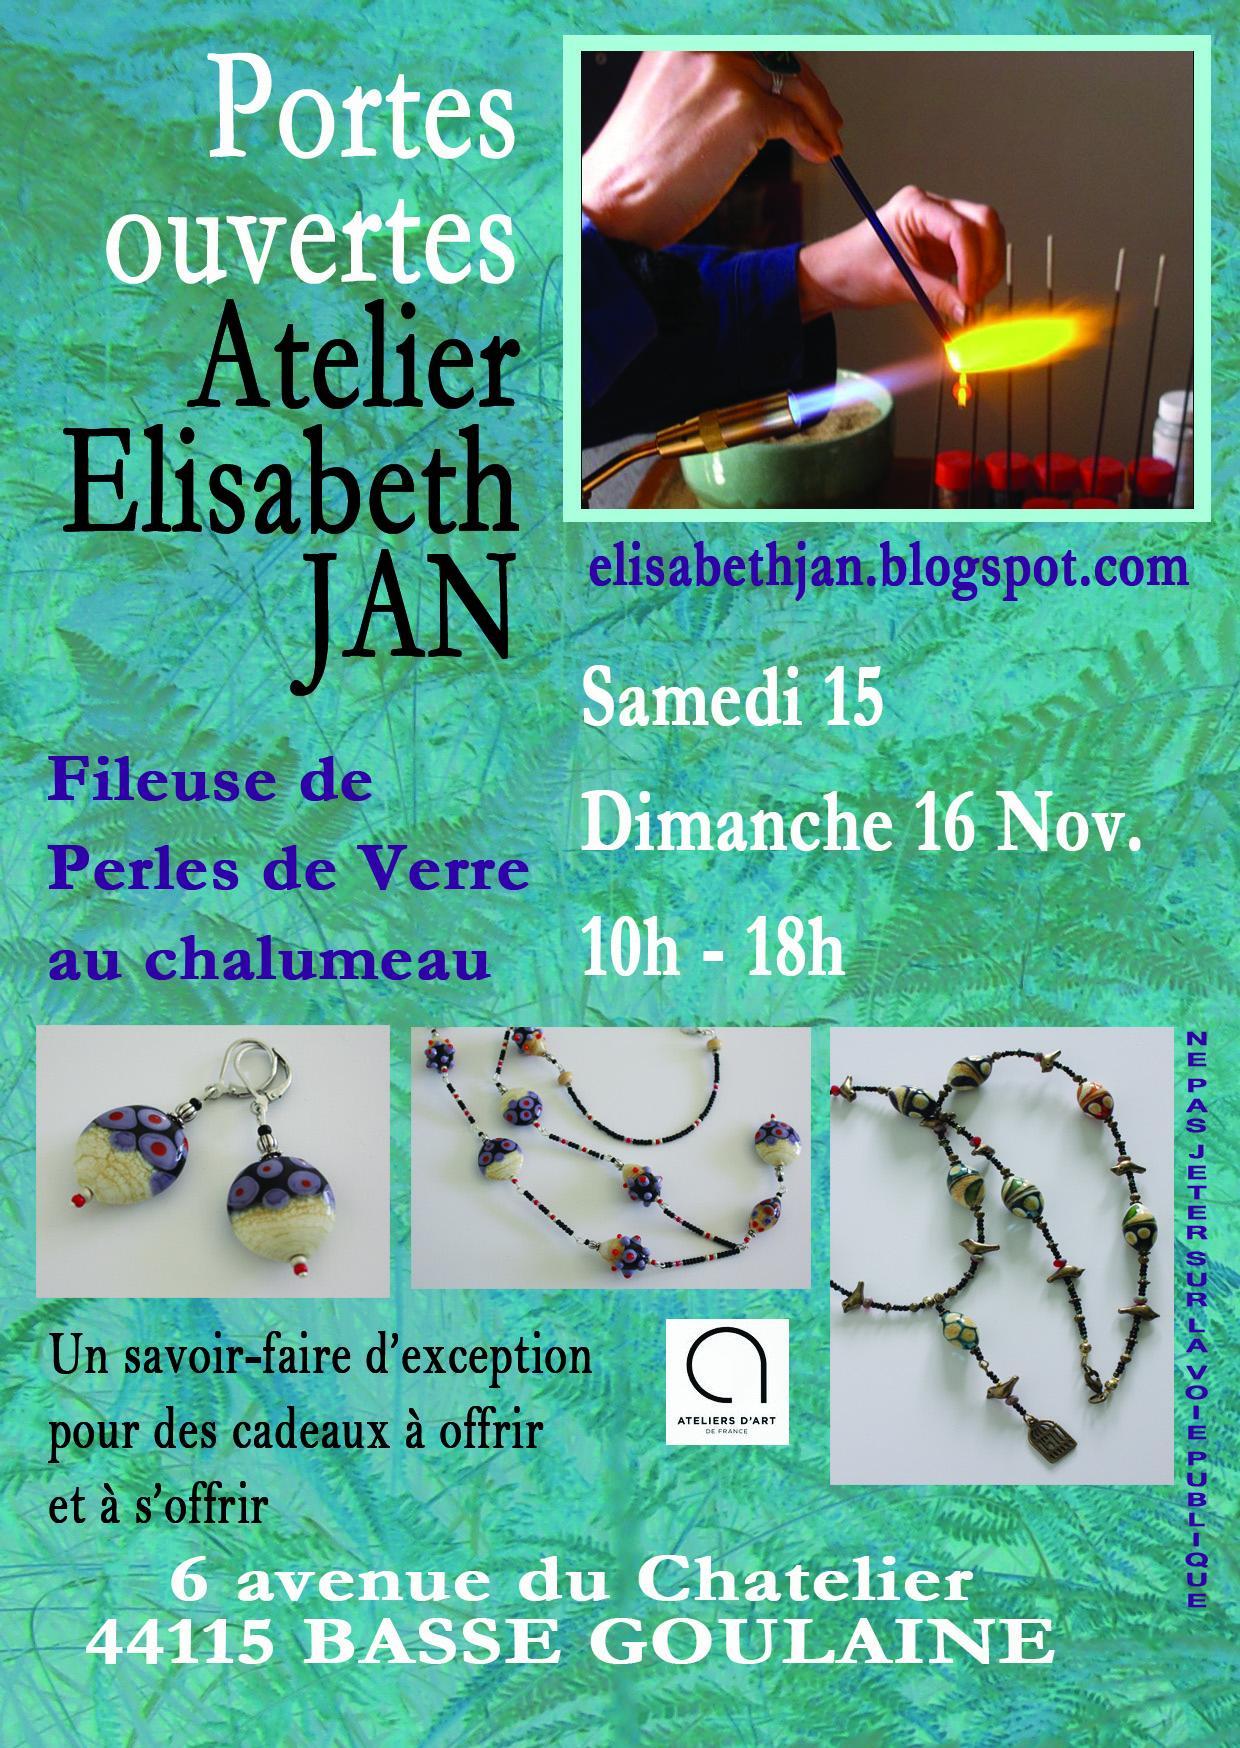 Actualité de Elisabeth JAN Portes Ouvertes de l'Atelier